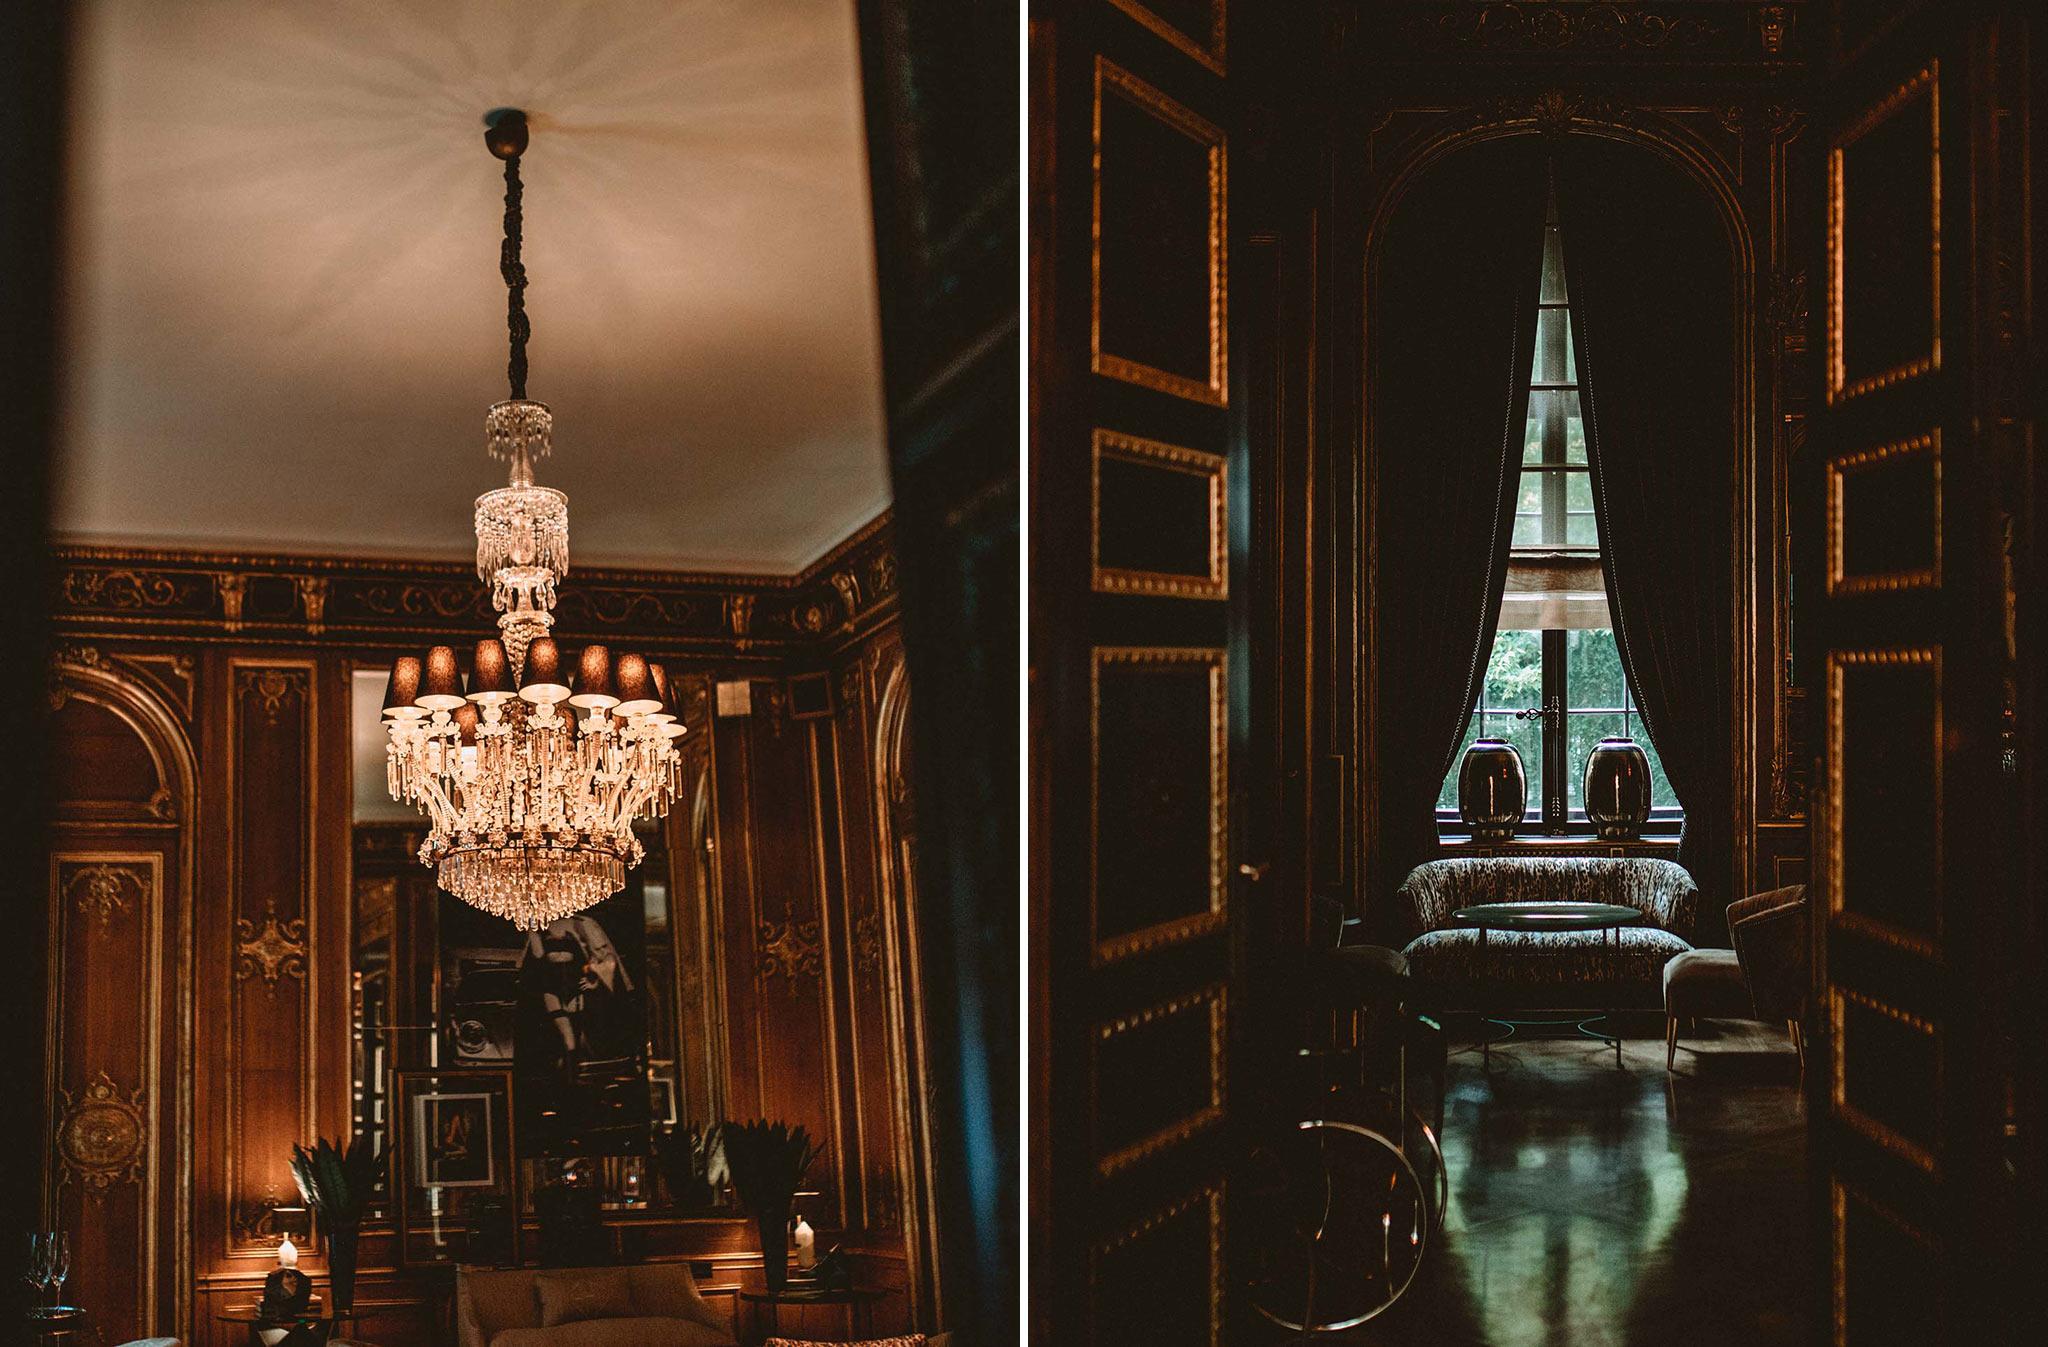 Hochzeit_Berlin_Patrick_Hellmann_Schlosshotel007